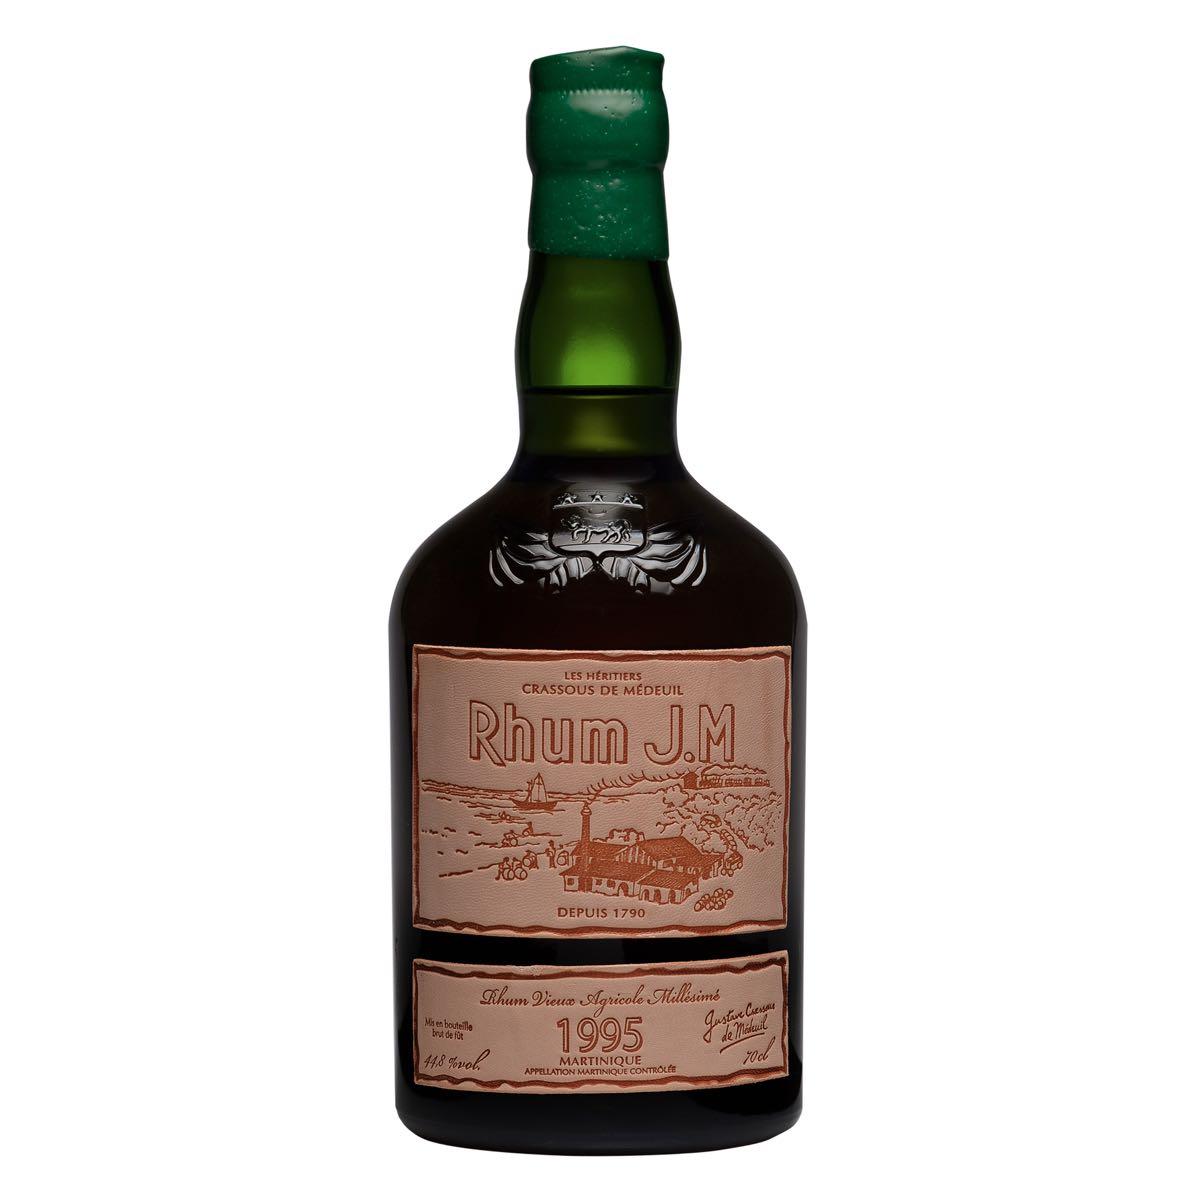 Bottle image of 1995